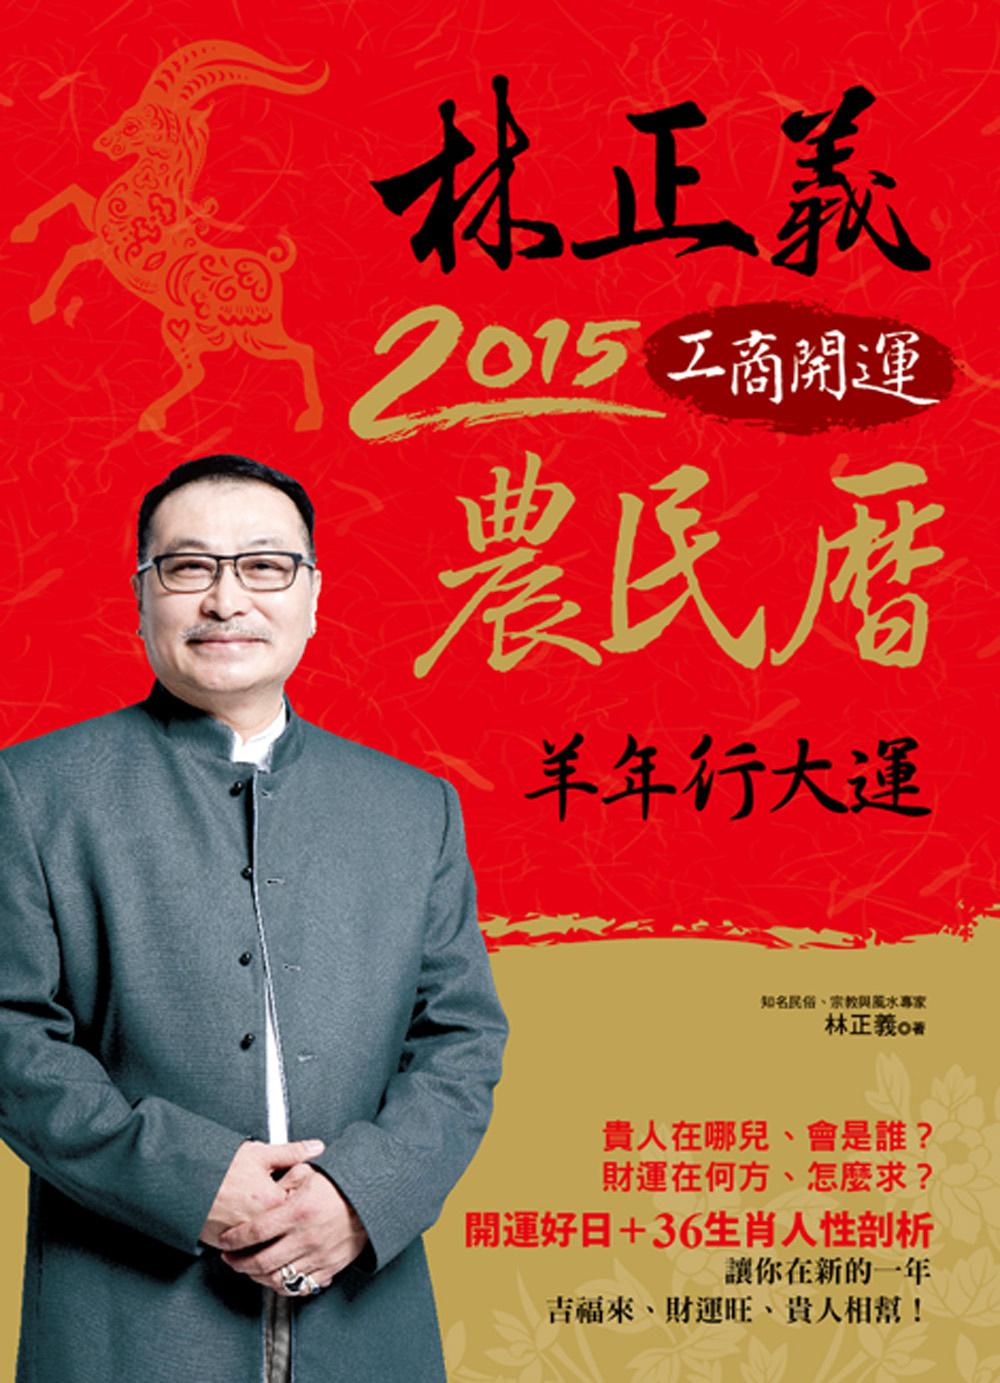 林正義2015工商開運農民曆